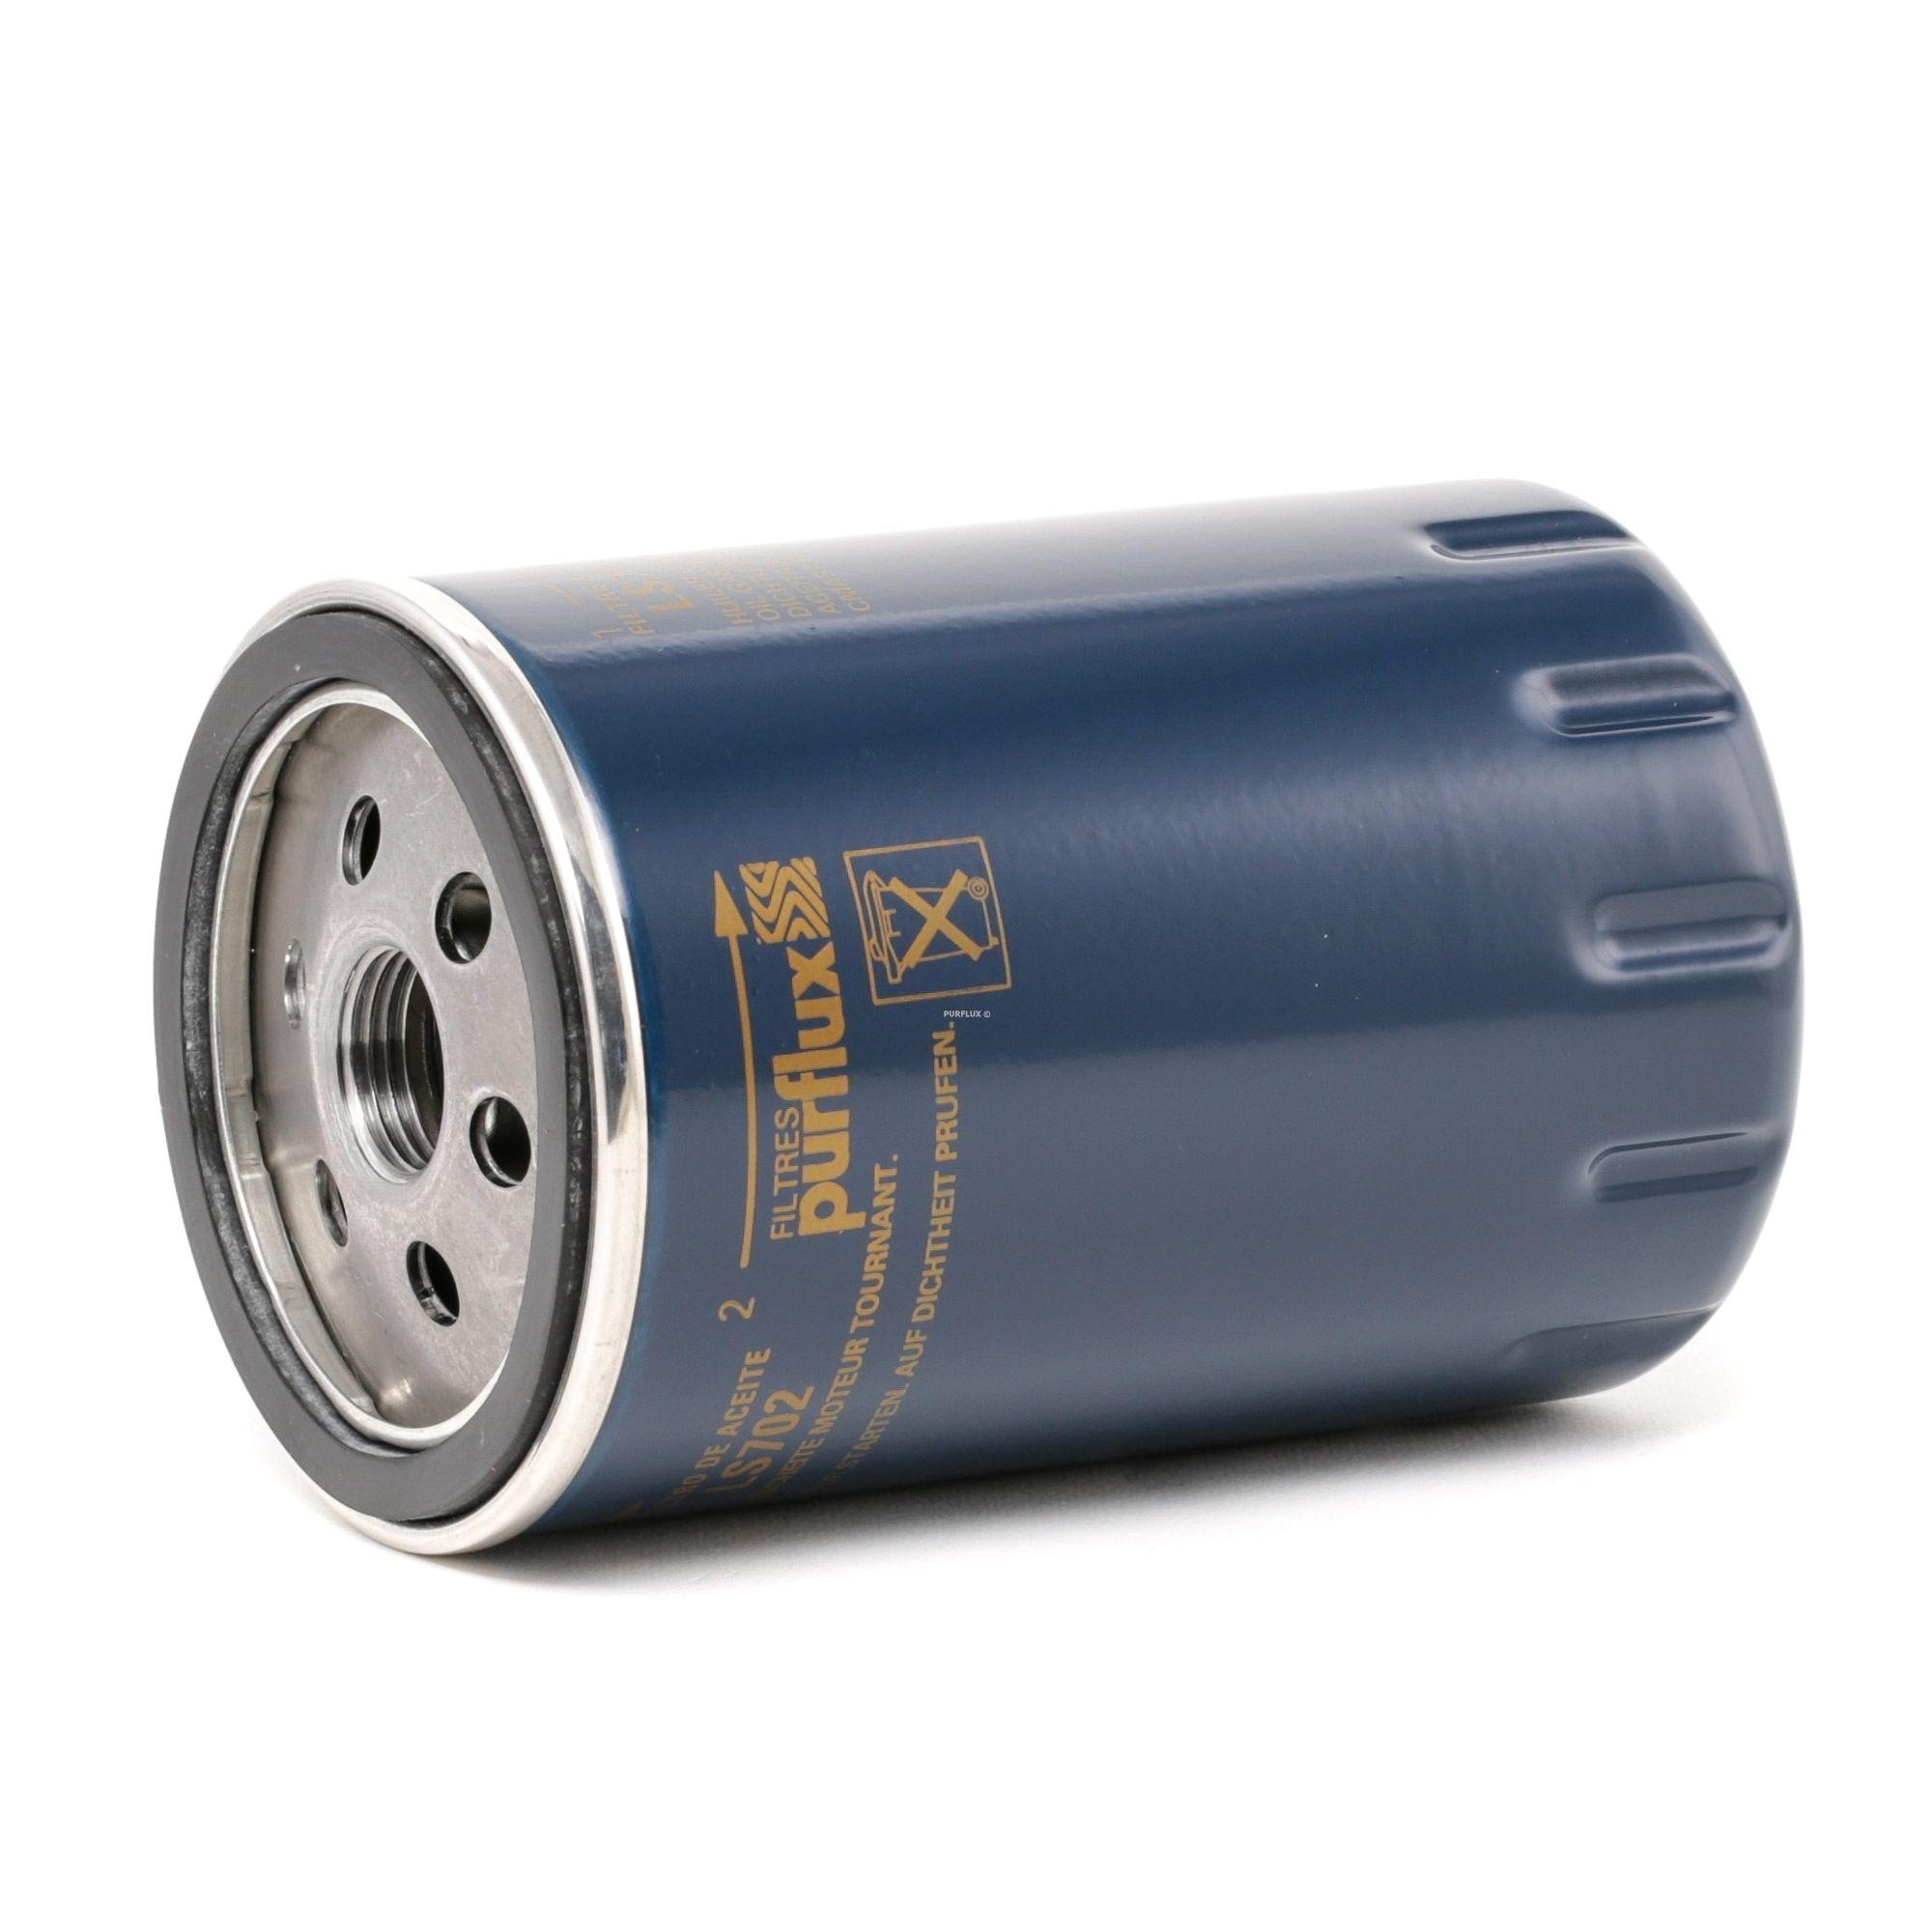 Achetez Filtre à huile PURFLUX LS702 (Ø: 76mm, Hauteur: 119mm) à un rapport qualité-prix exceptionnel